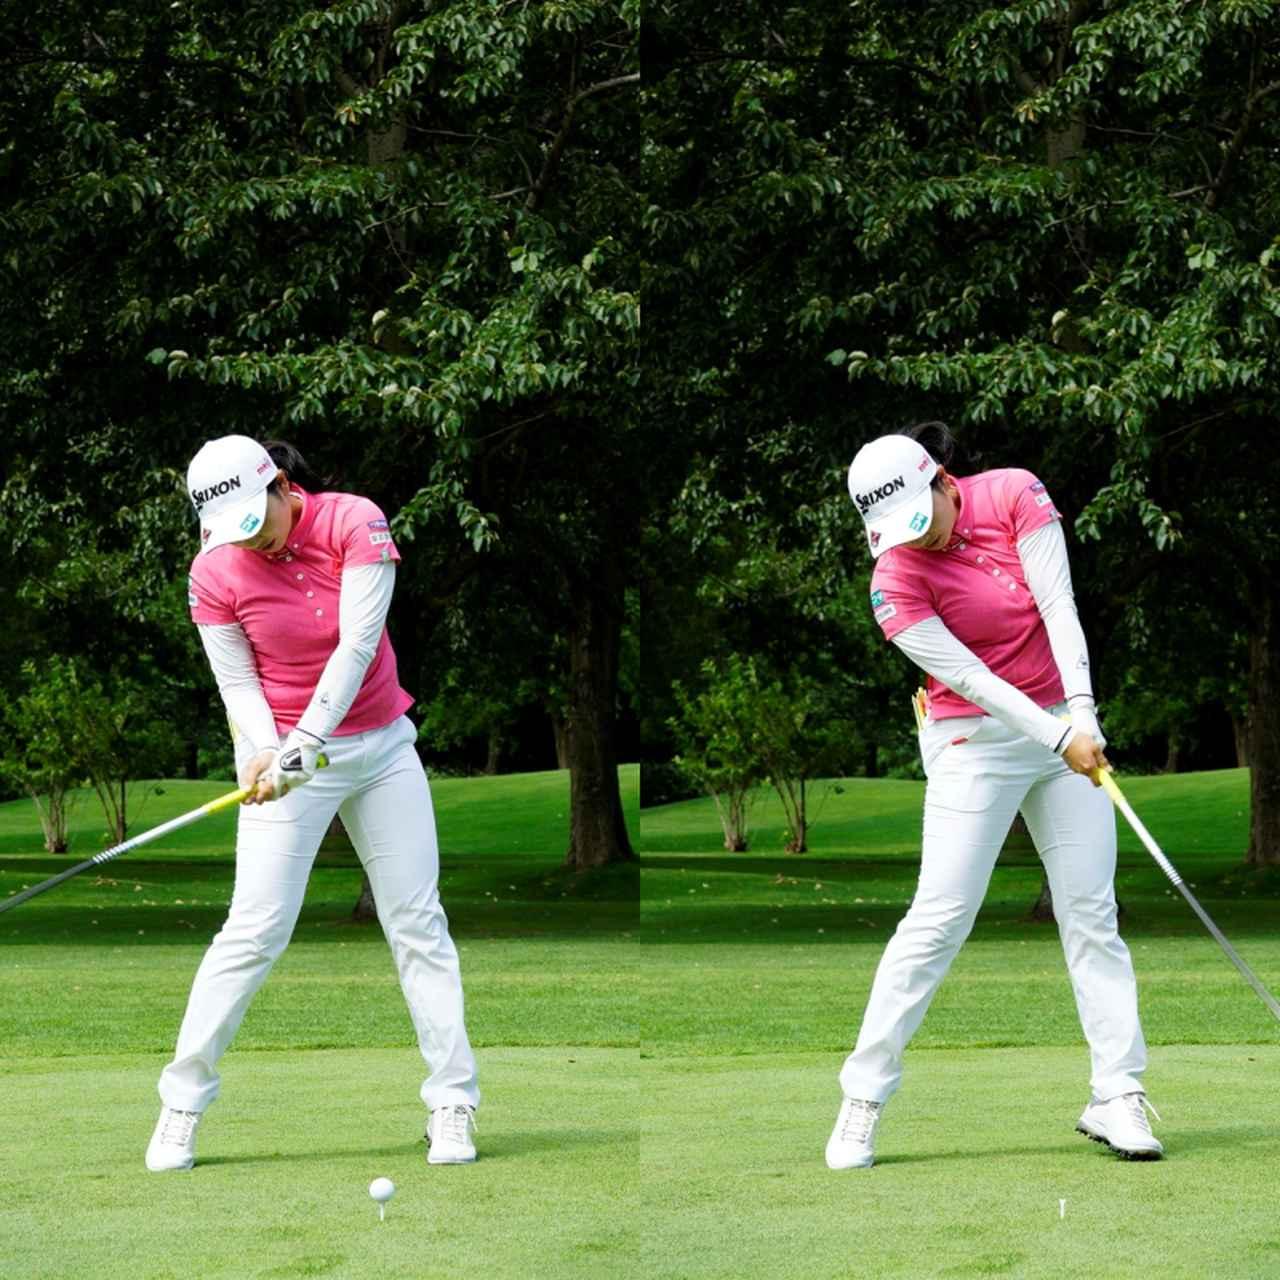 画像: 画像C 地面を踏み込みひざを伸ばすことで地面からの反力を回転力に変換する場合、頭の高さはキープされつつインパクト前には左ひざが伸びていることが重要(写真は2020年「ニトリレディス」代表撮影/上山敬太)